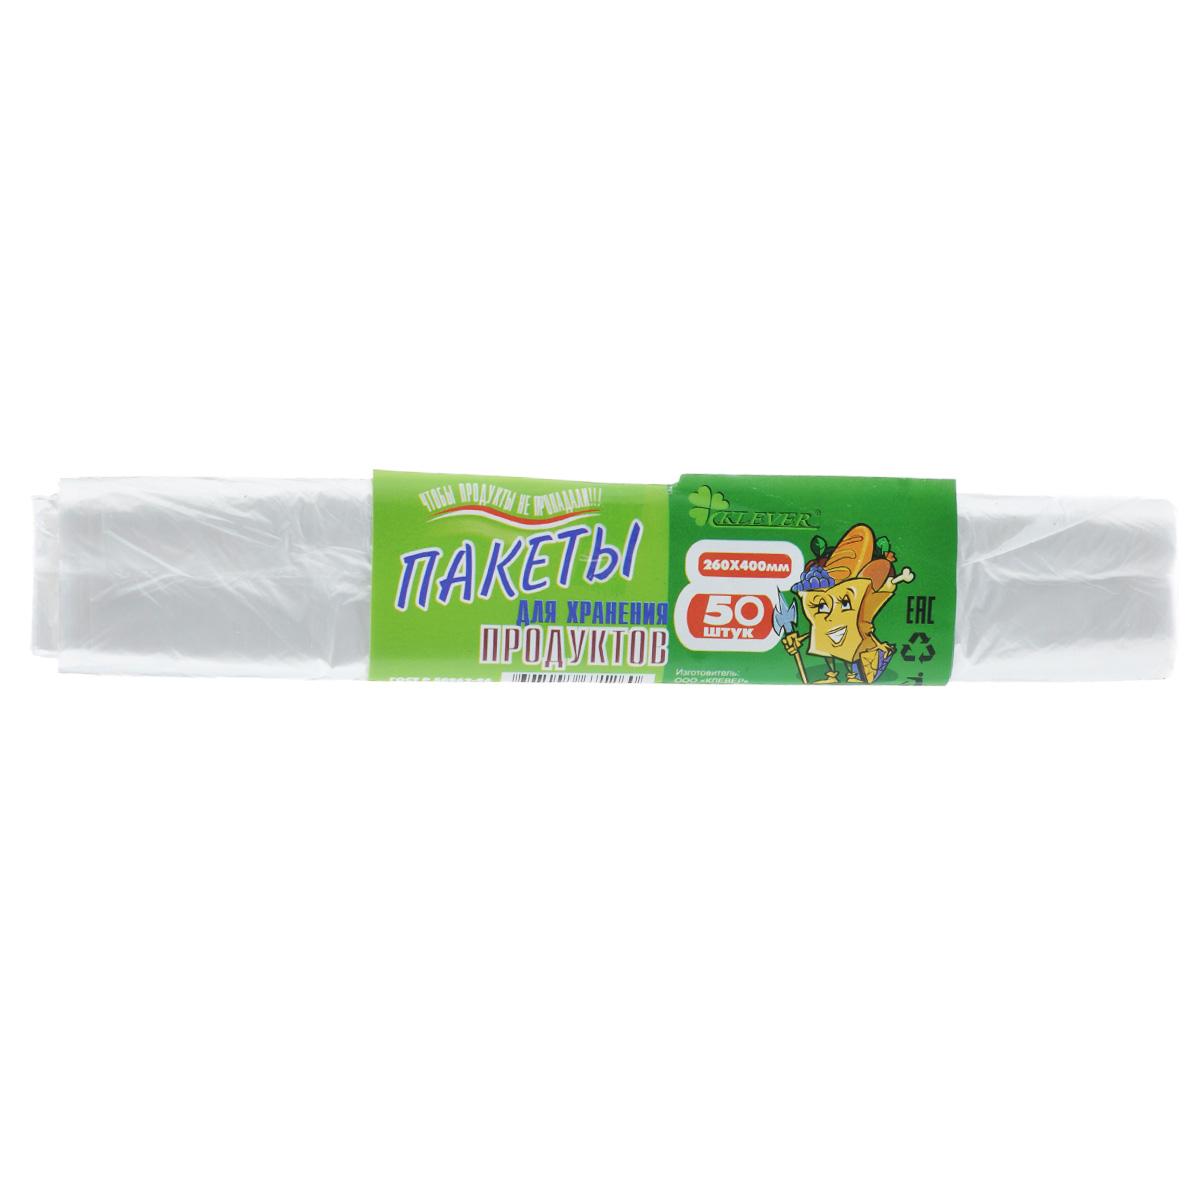 Пакеты для хранения продуктов Klever, 26 х 40 см, 50 шт264050Пакеты для хранения продуктов Klever, изготовленные из полиэтилена, предназначены для хранения продуктов в холодильнике или морозильной камере. Пакеты являются предметами первой необходимости. В школу, на работу или в поездку брать с собой продукты будет гораздо удобнее в пакетах, которые позволят надежно сохранить свежесть продуктов. Фасовочные пакеты - это самый распространенный, удобный и практичный вид современной упаковки, предназначенный для хранения и транспортировки практически всех видов пищевых и непродовольственных товаров. Размер пакета: 26 см х 40 см.